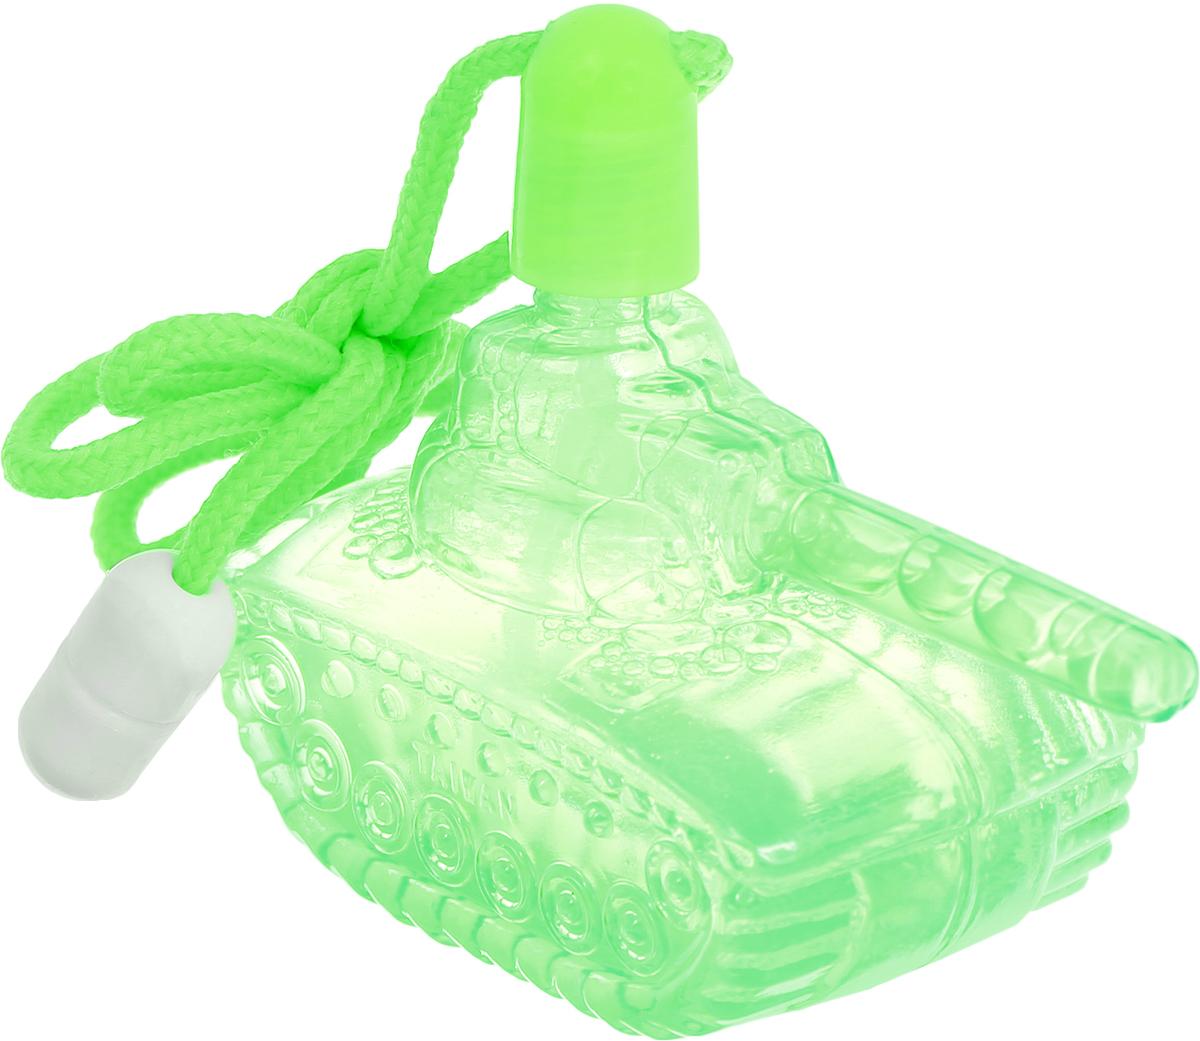 Uncle Bubble Мыльные пузыри Танк цвет зеленыйHD222-4_зеленыйМыльные пузыри Uncle Bubble Танк - удивительная и необычная игрушка, которая доставит вашему ребенку массу удовольствия и веселых моментов. Великолепные мыльные пузыри в пластиковой баночке в виде танка со шнурком приведут в восторг каждого ребенка. Пузыри не оставляют следов и совершенно безопасны для детей. Если пузырь упал на руку или другую часть тела, достаточно просто растереть его и он растворится.